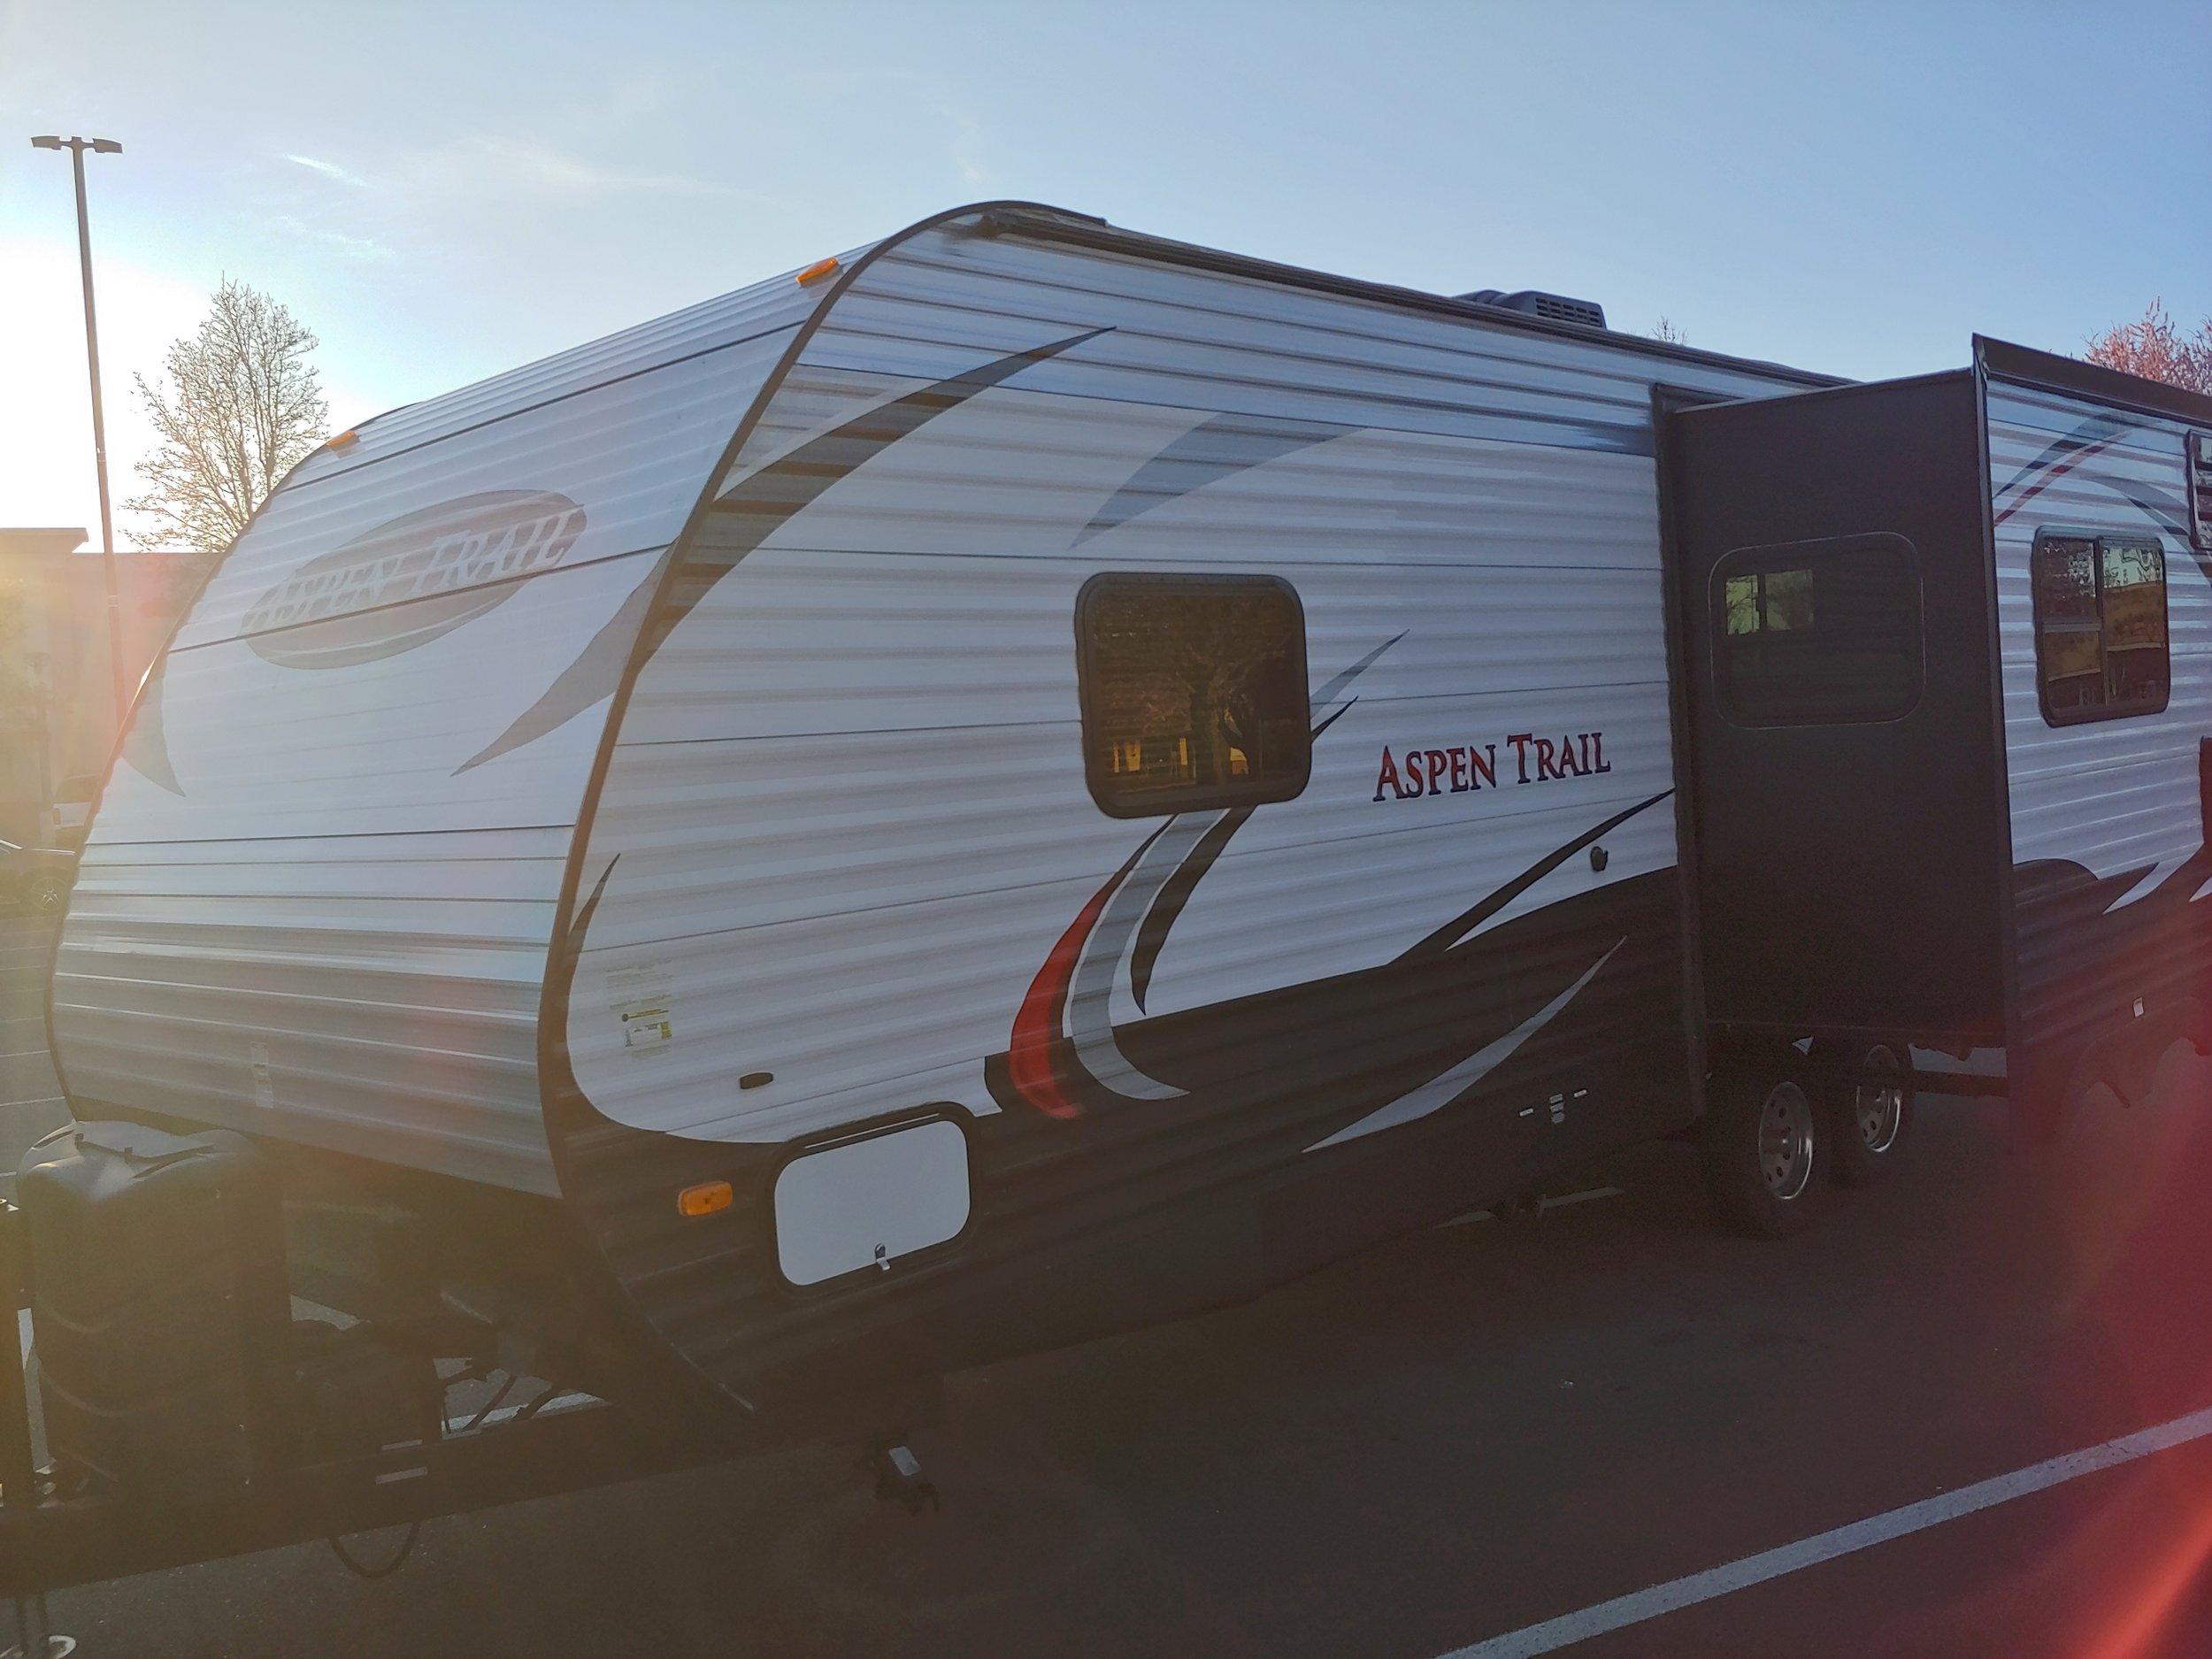 CRV - 2015 Aspen Trail - Outside#2.jpg